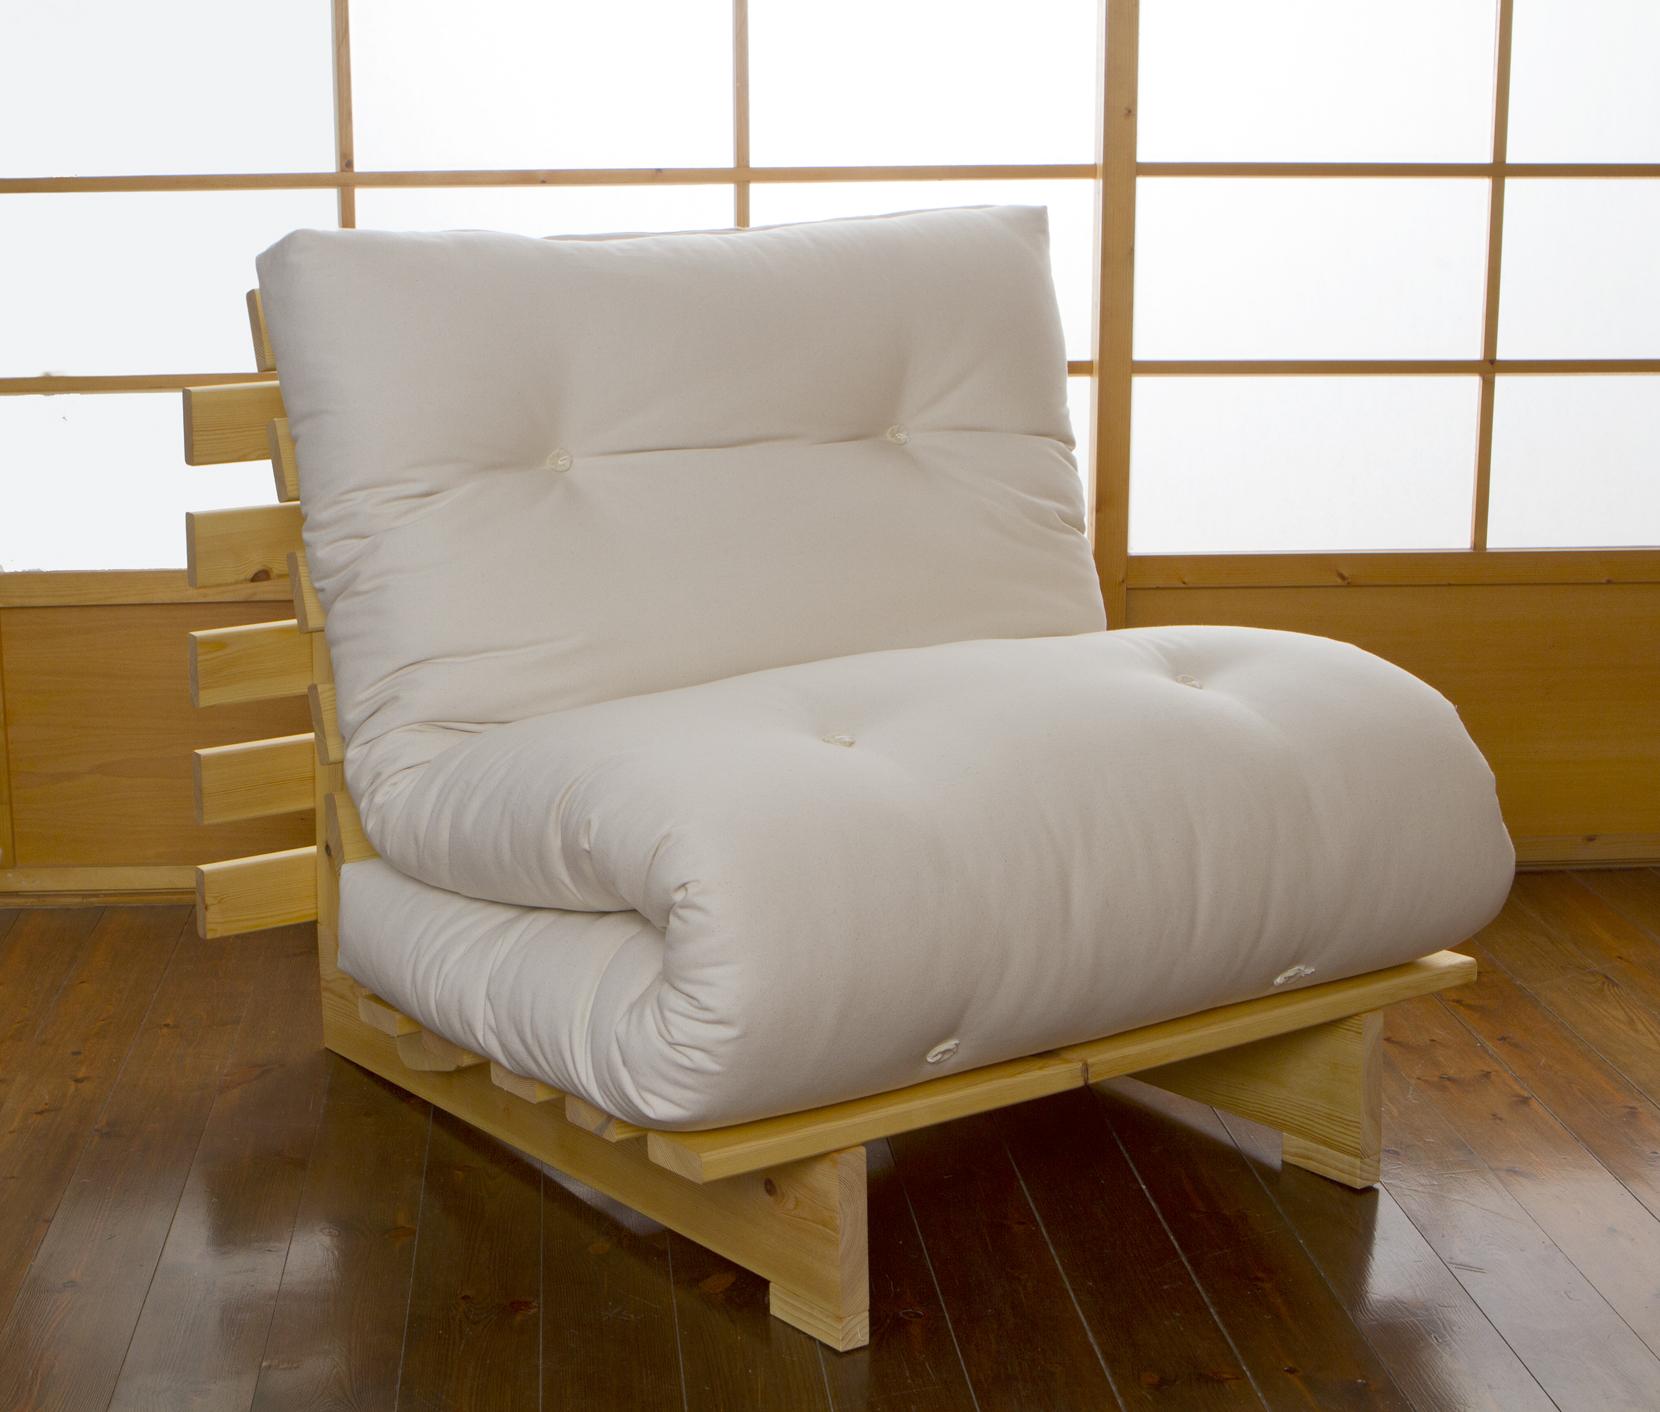 Tendencias y consejos de iluminaci n para el hogar for Donde comprar sillones sofa cama